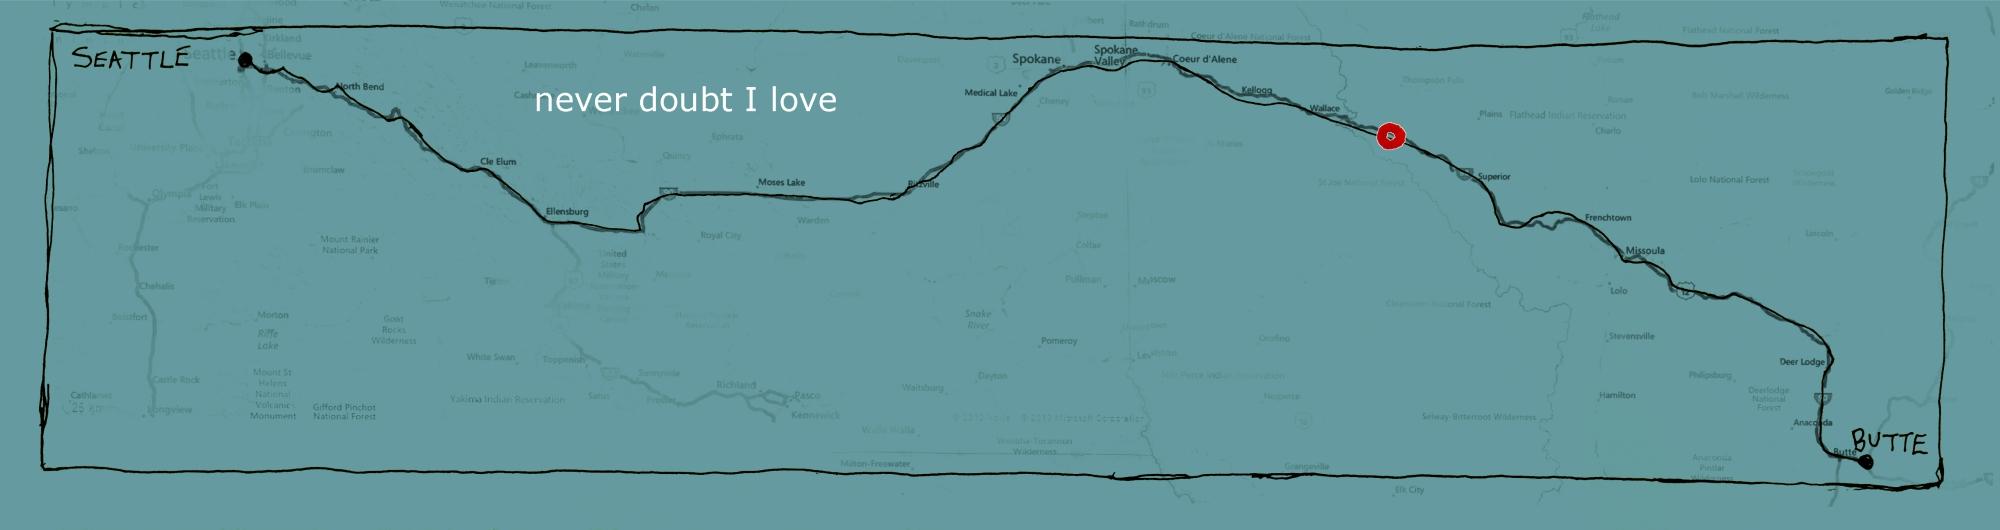 366 map